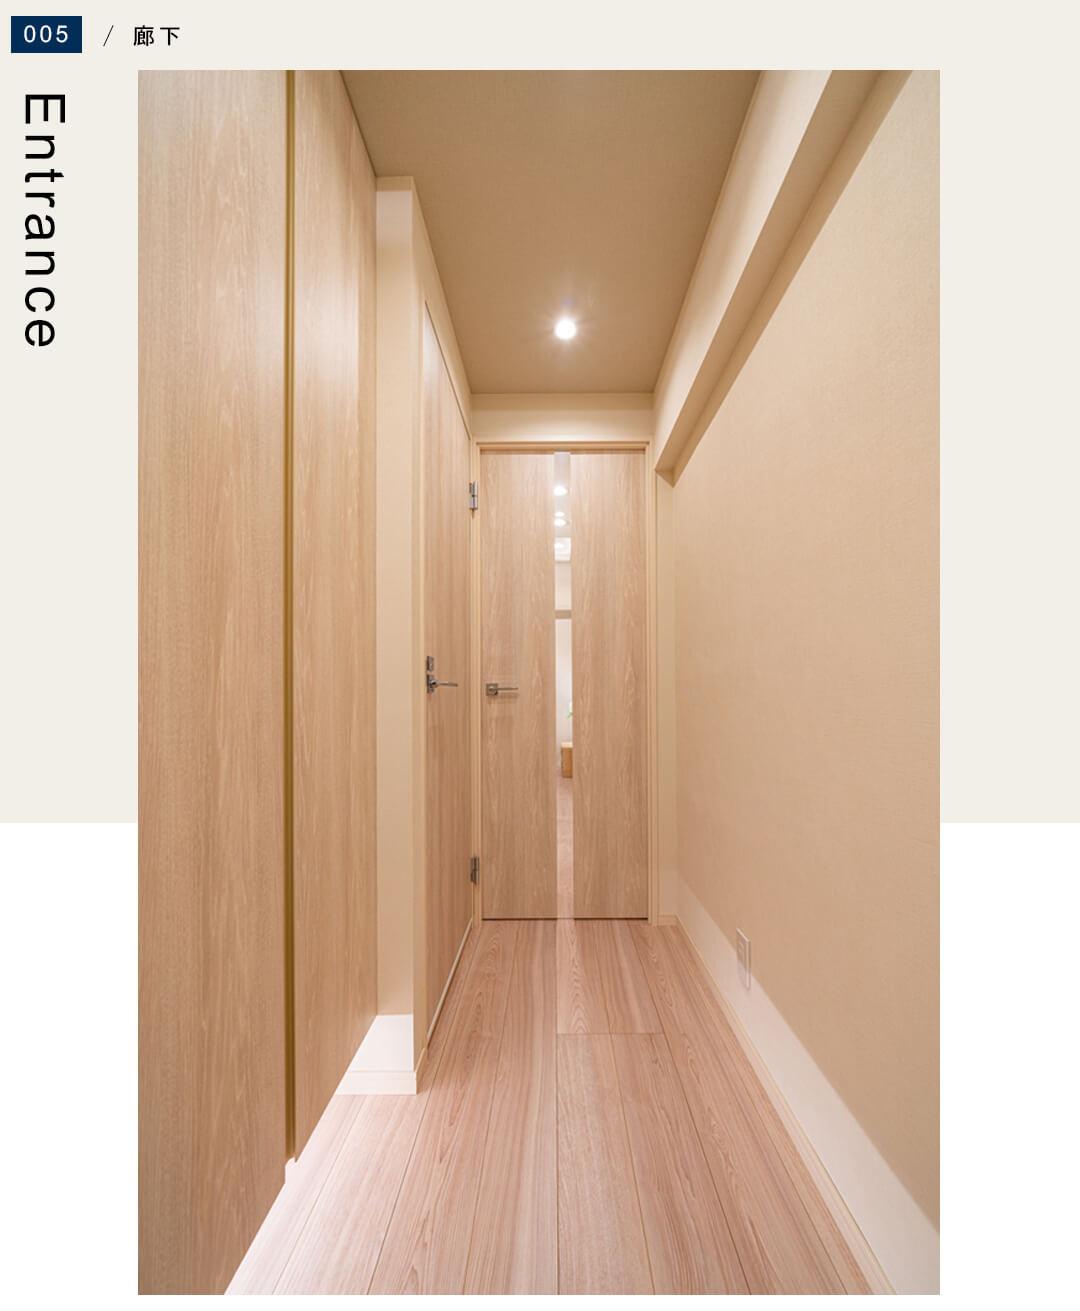 南青山スカイハイツ304の廊下